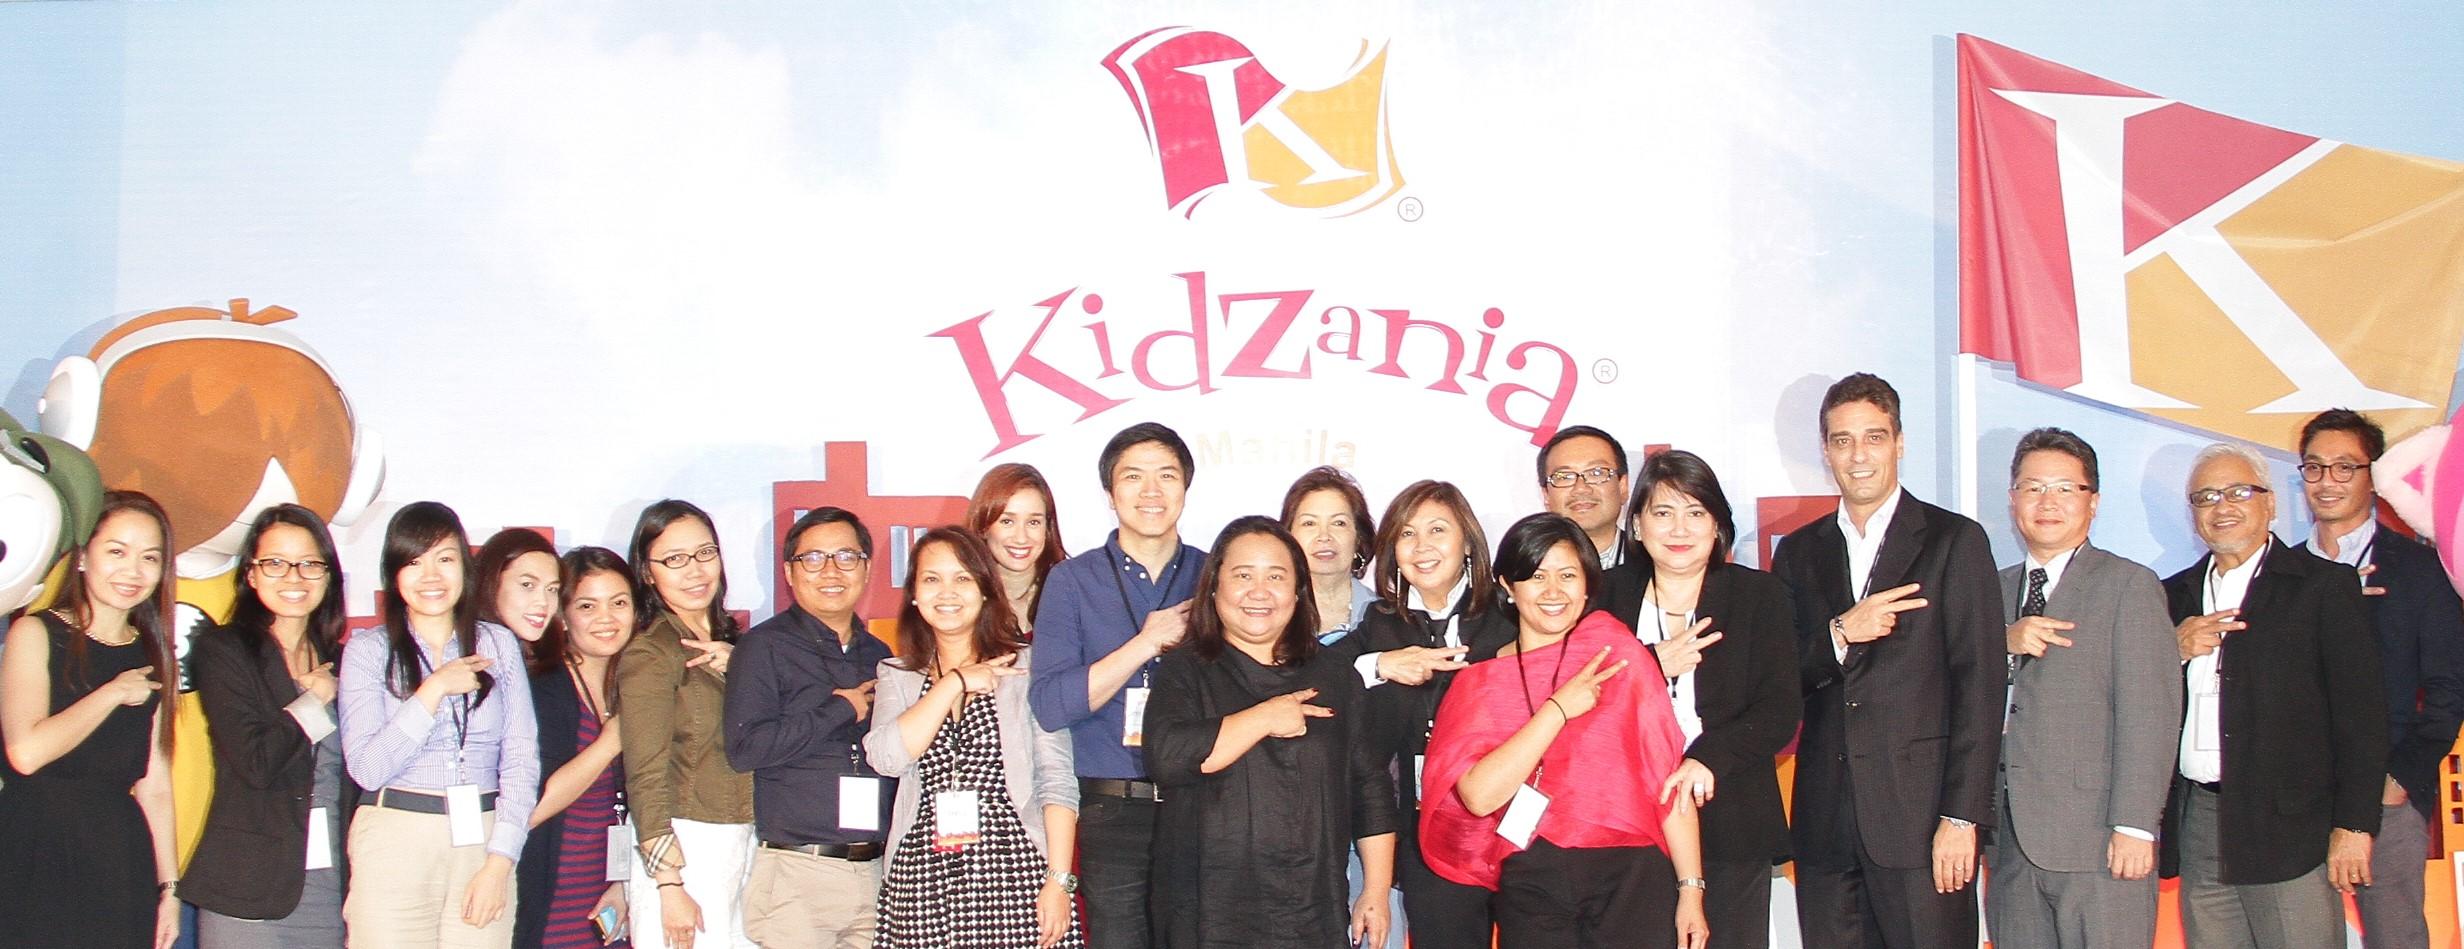 KidZania_IP-launch_001-C.jpg